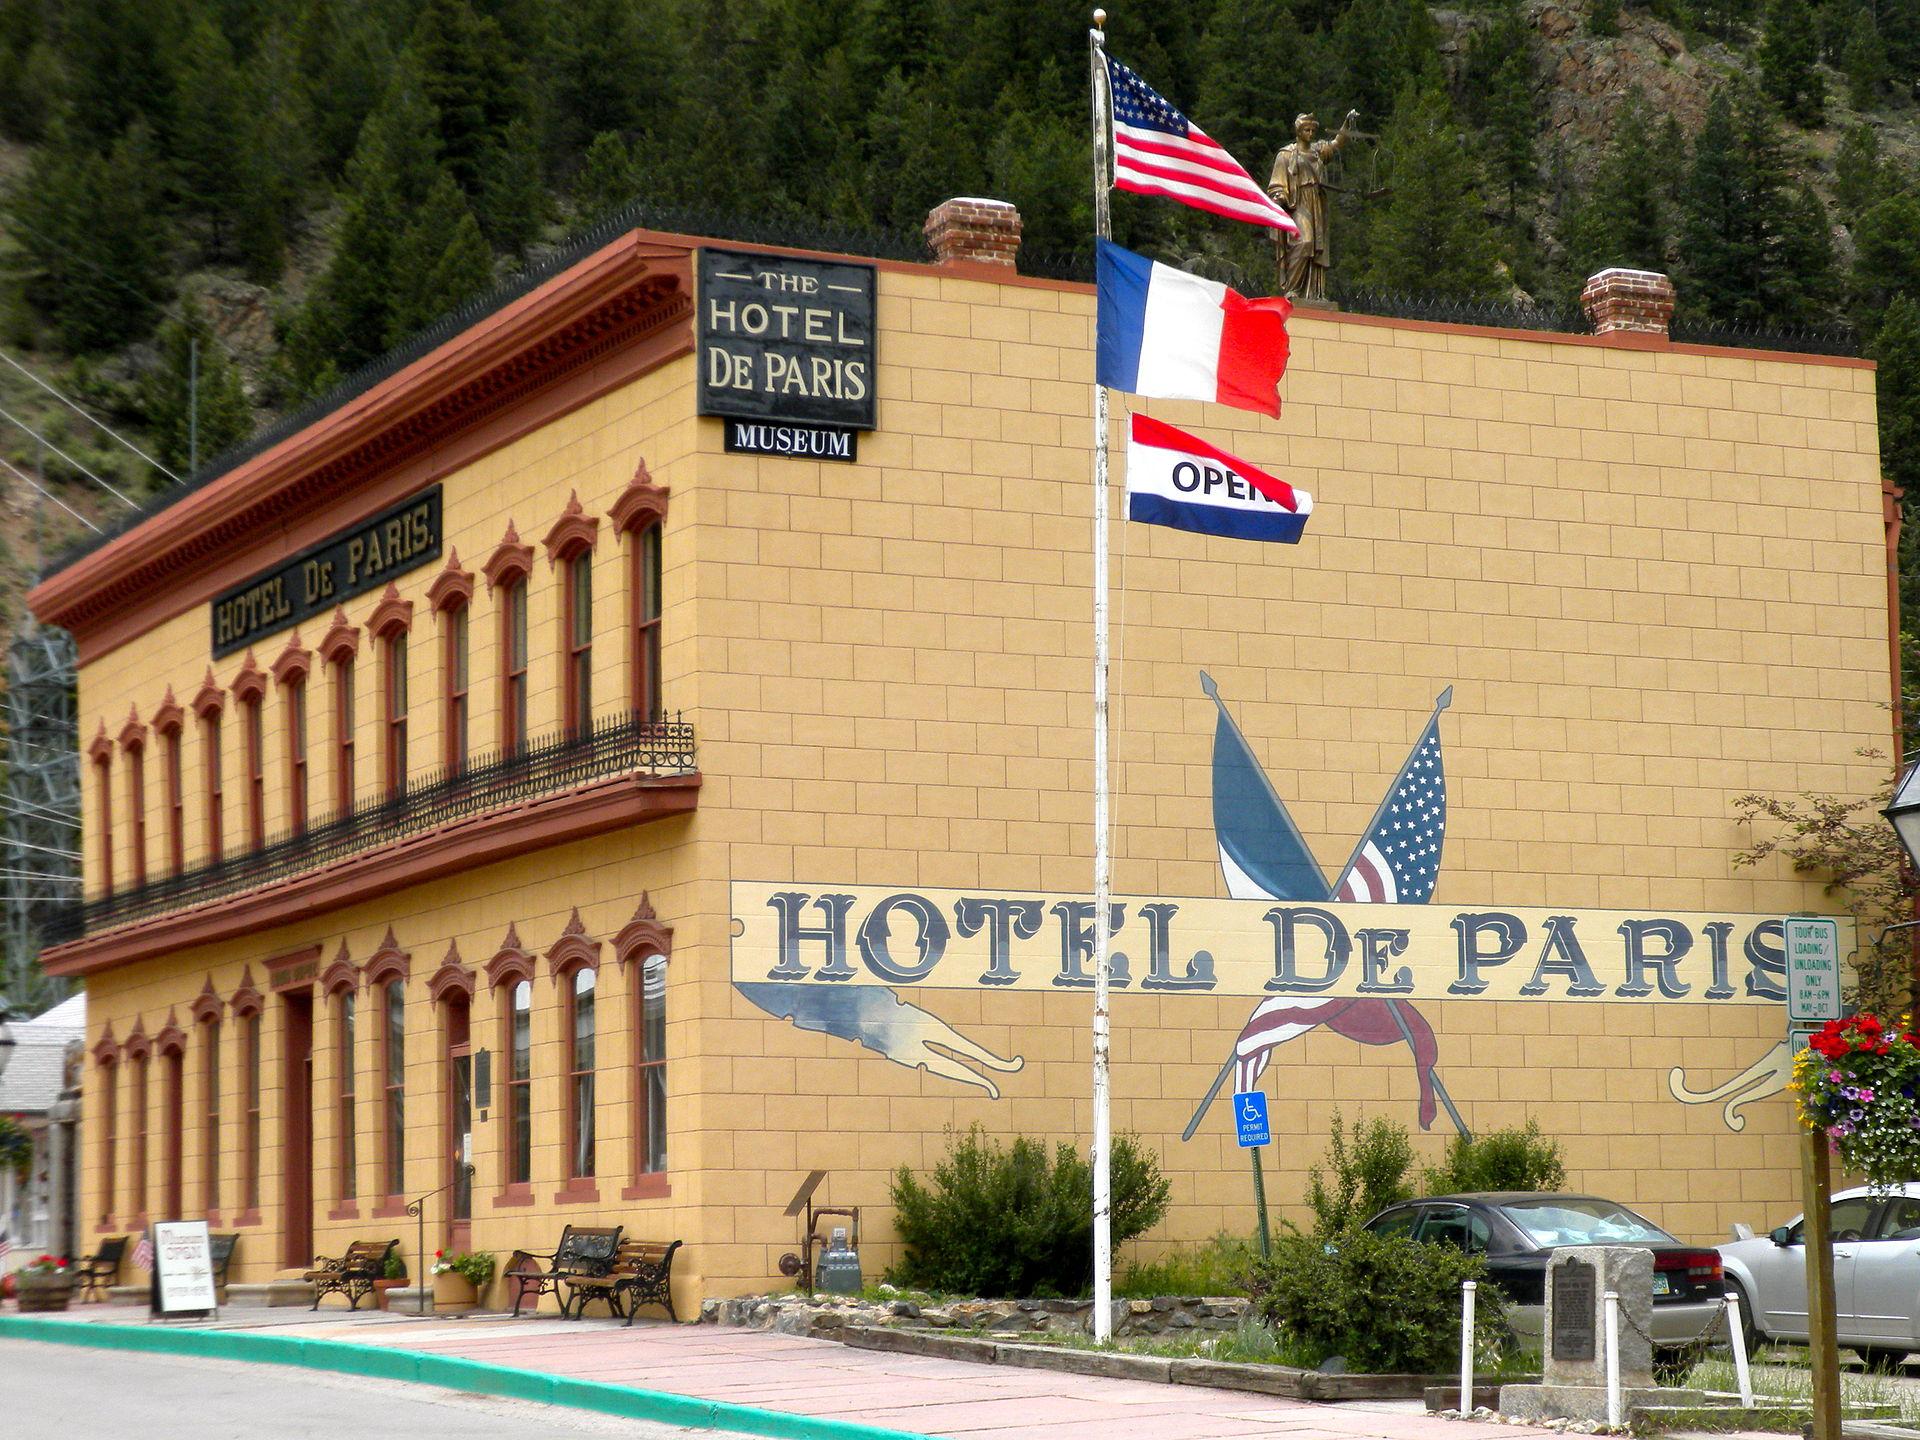 Hotel De Paris Museum